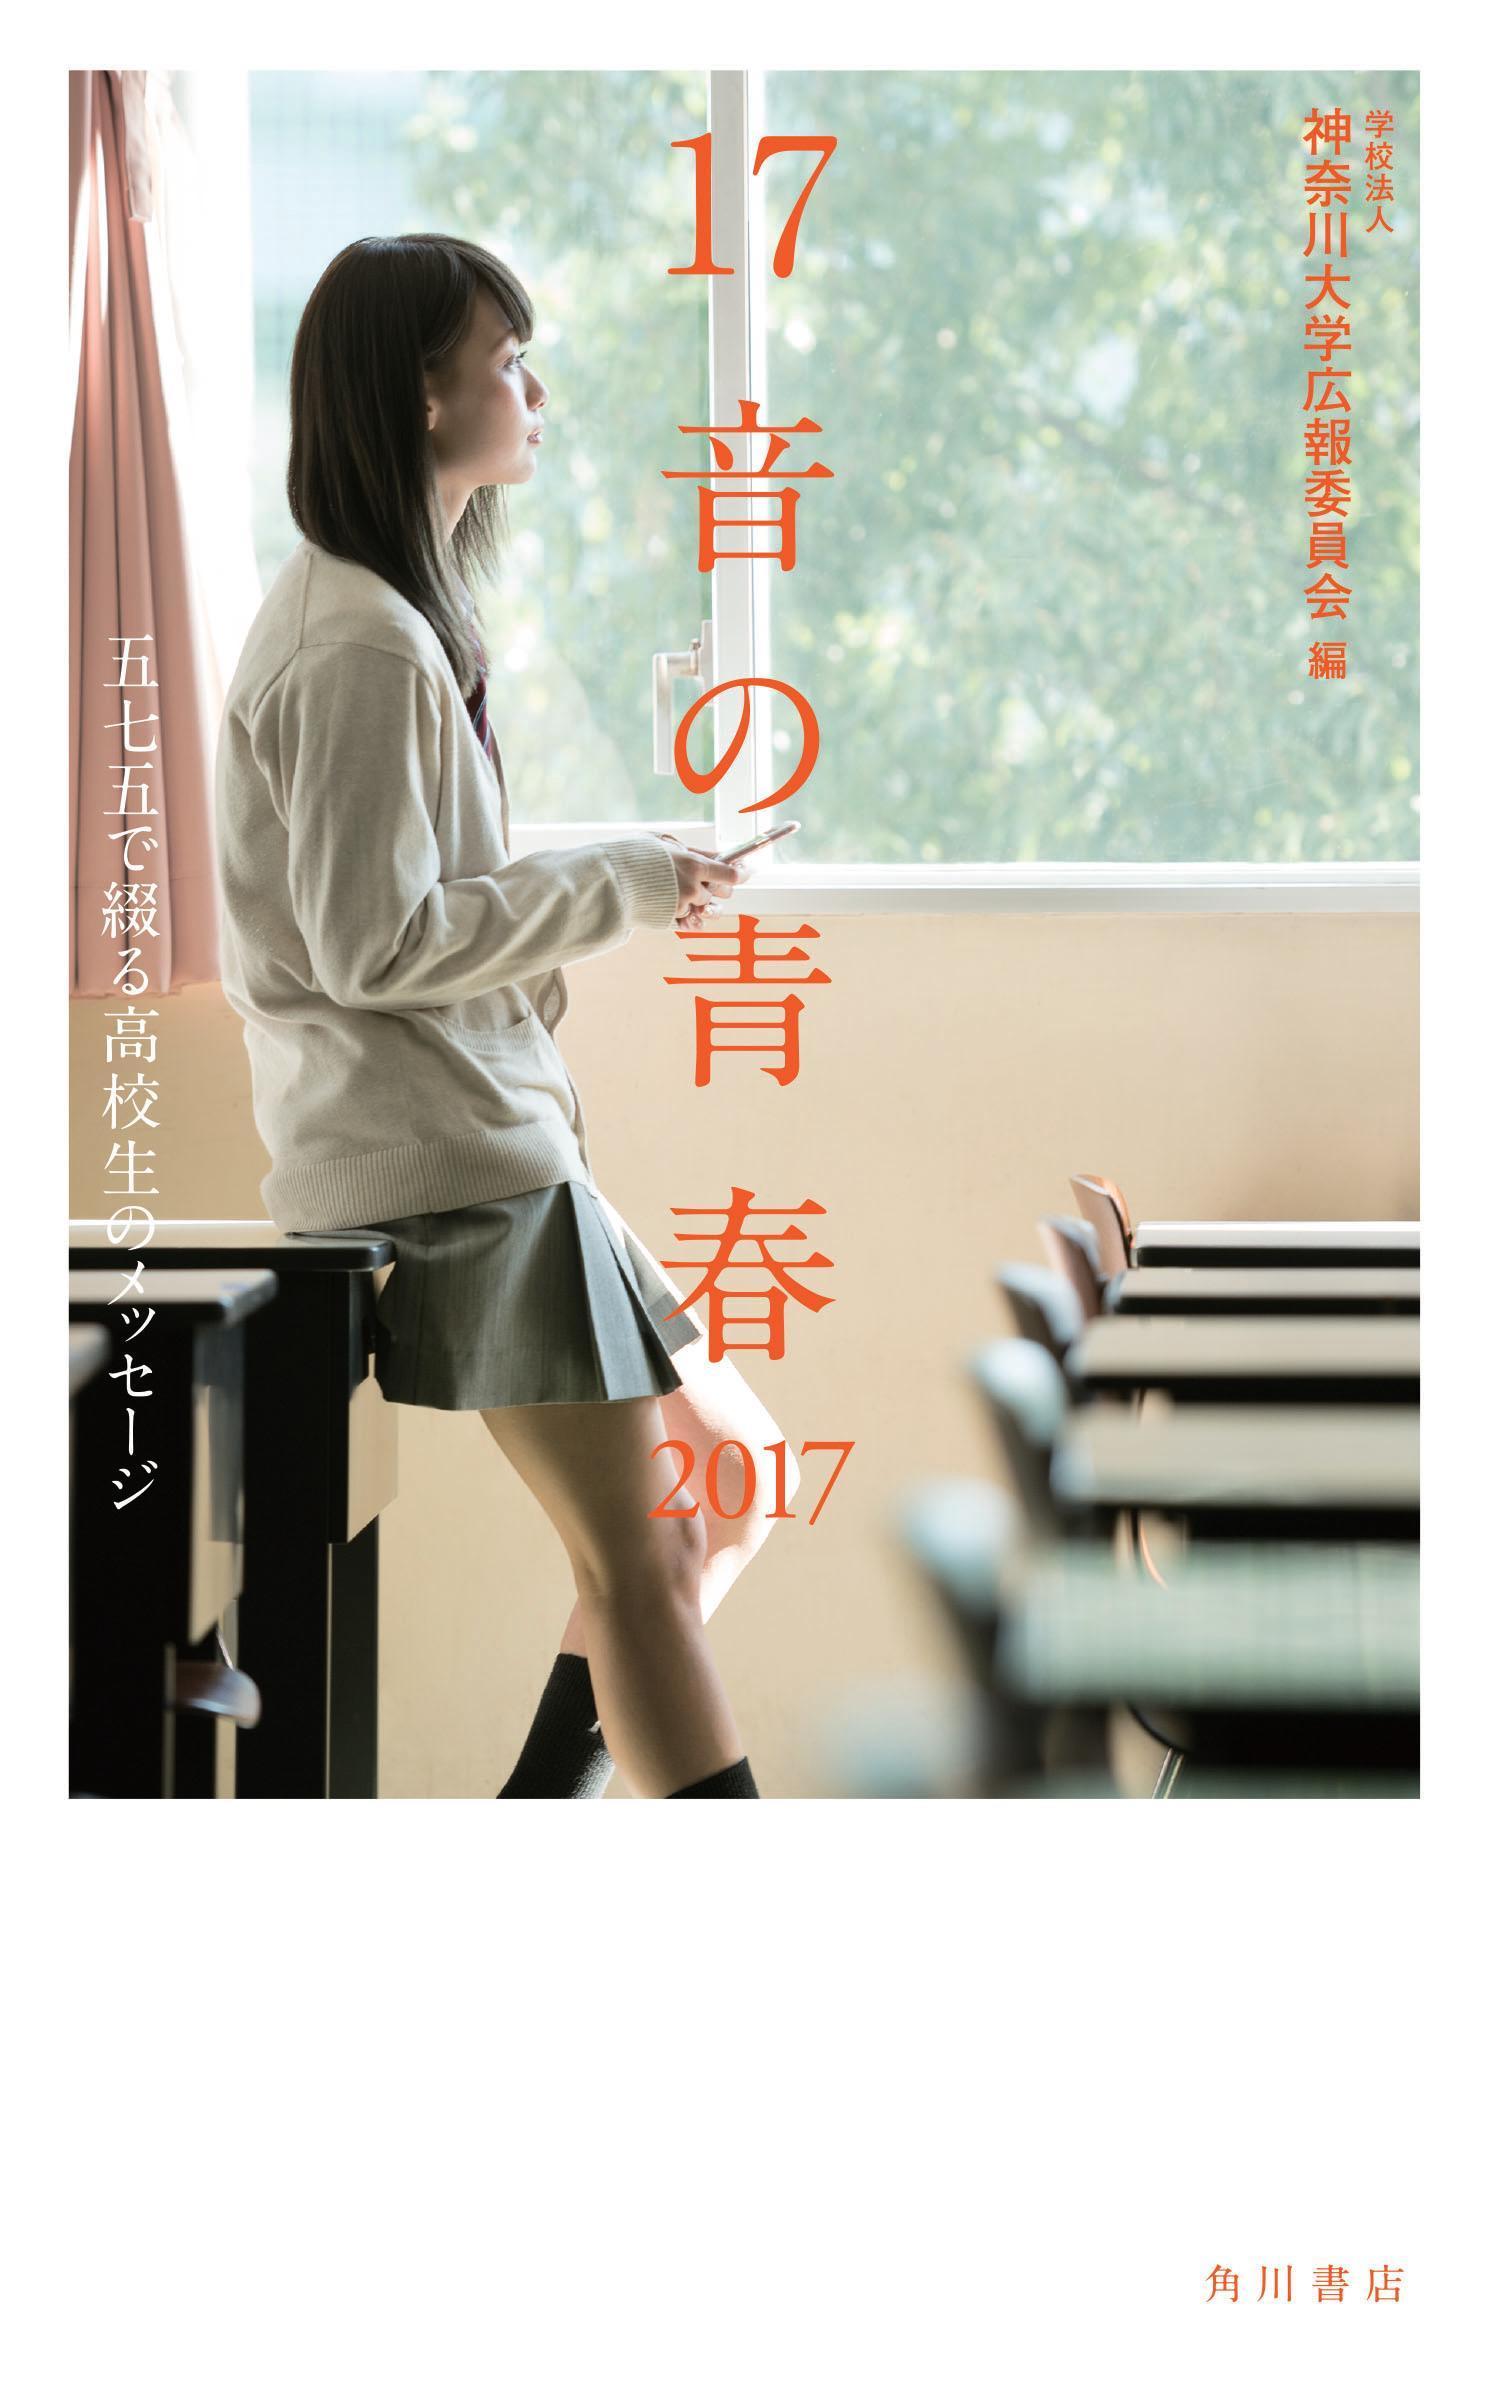 第20回 神奈川大学全国高校生俳句大賞 選考結果について